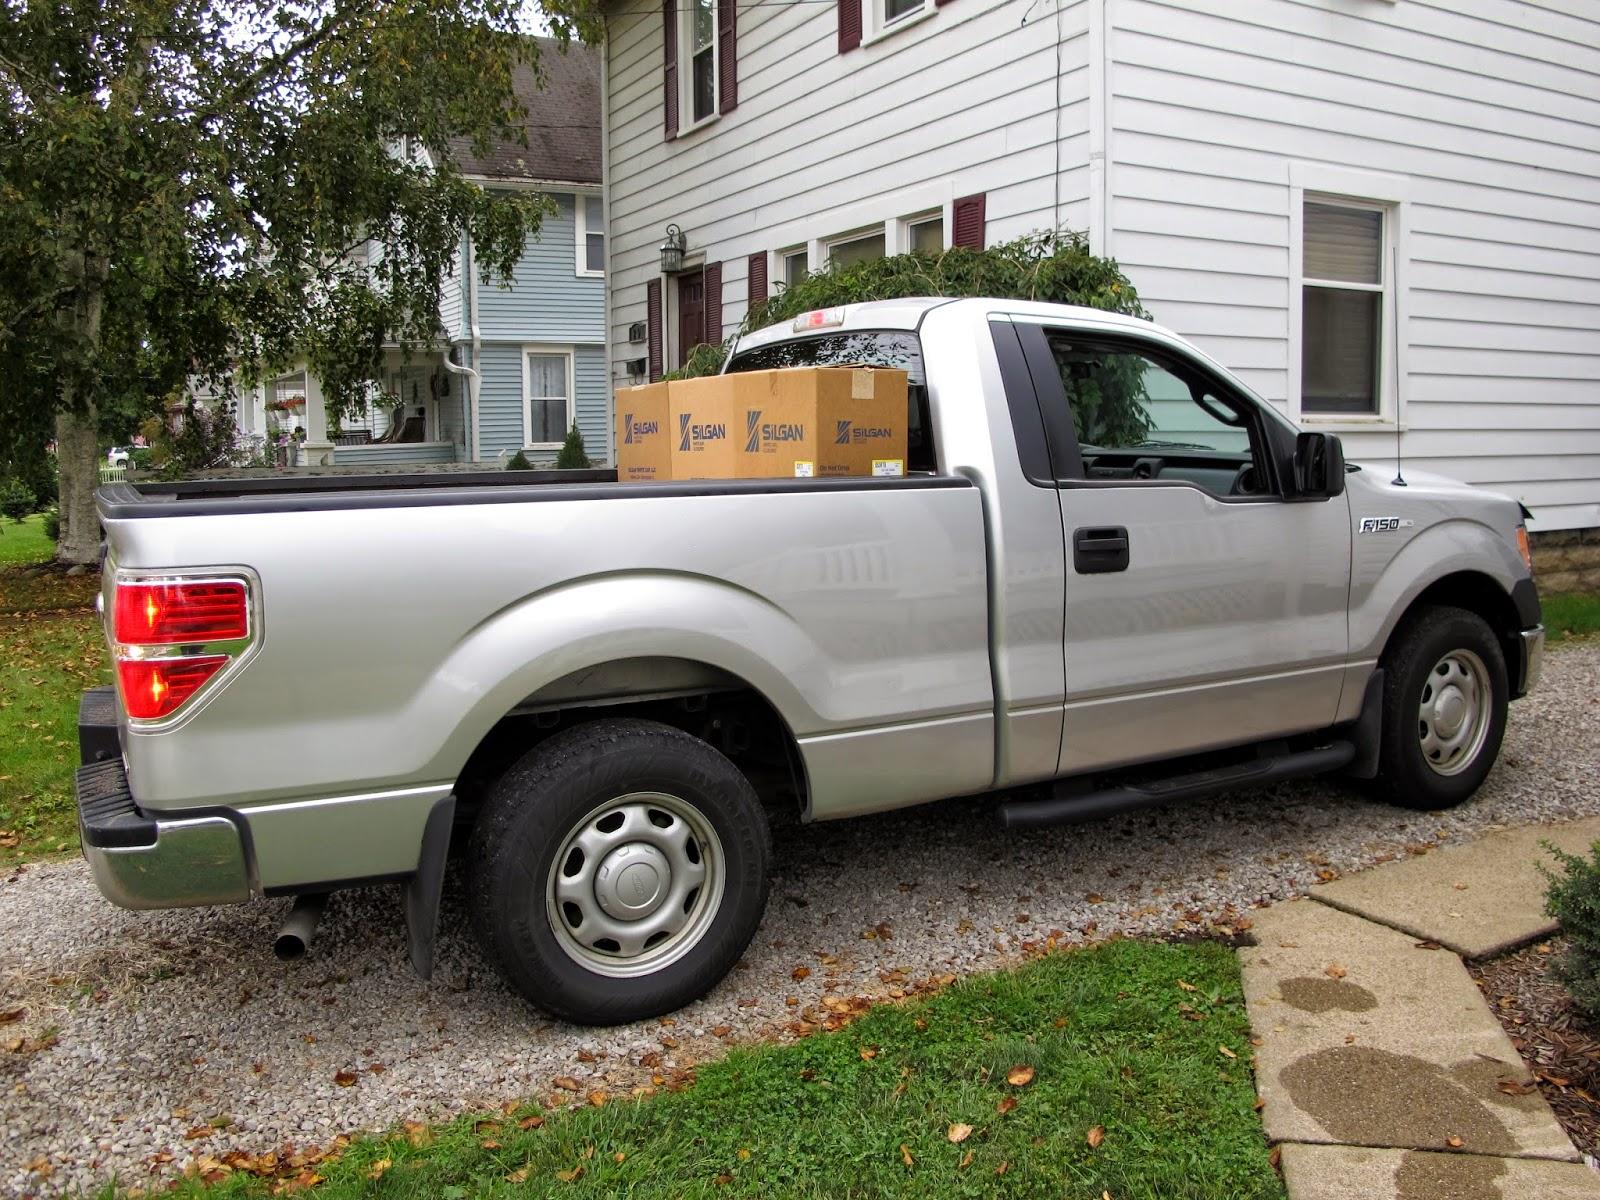 Uncle Len's Truck ROCKS